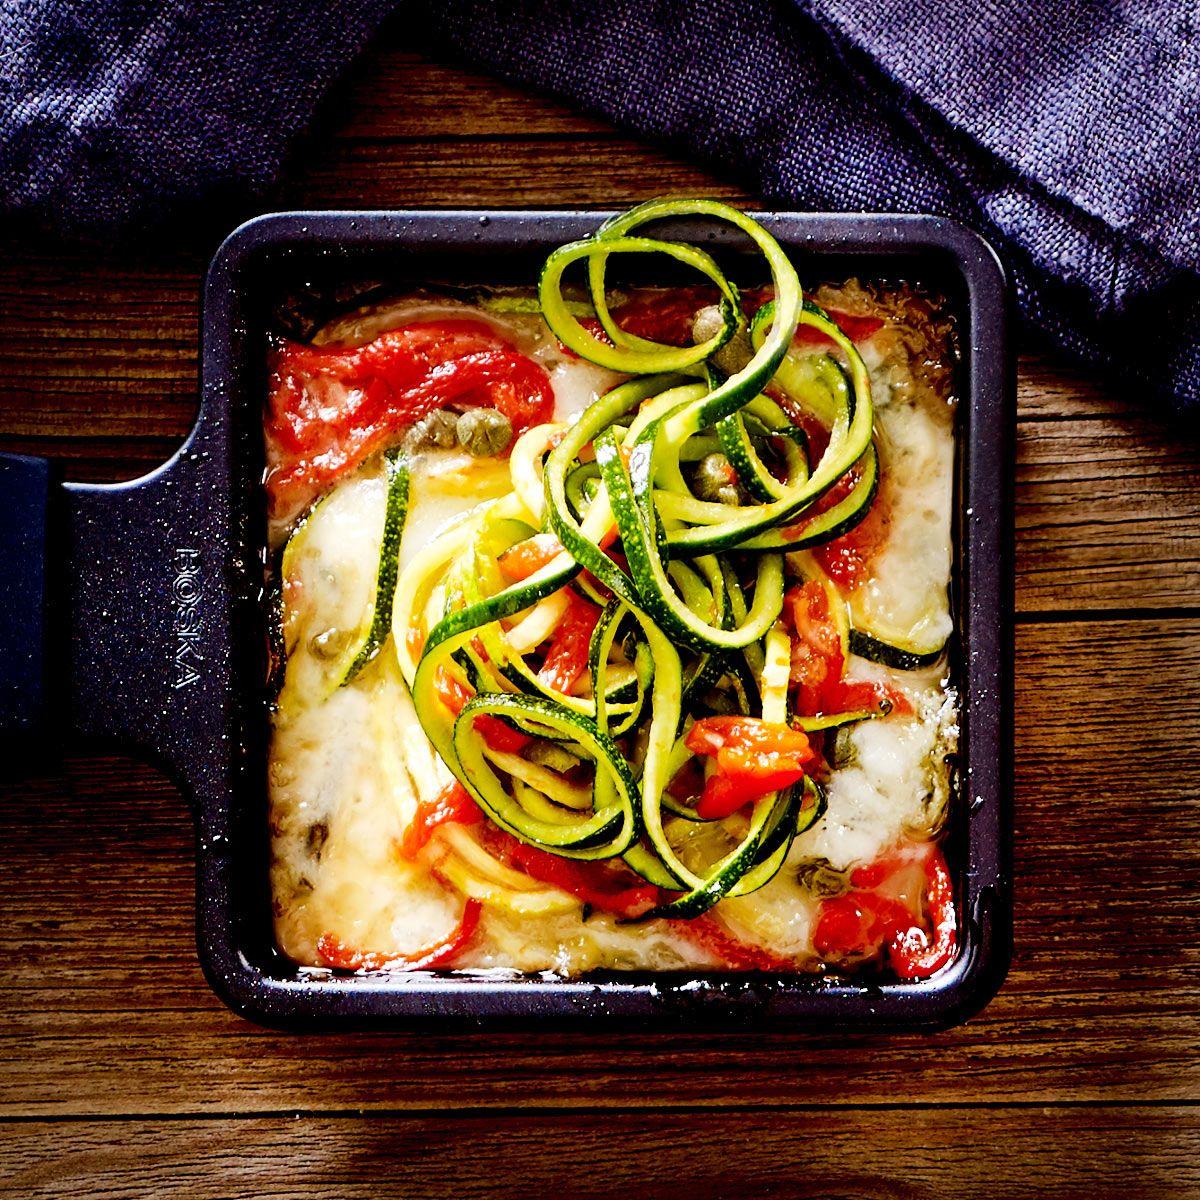 racletterie zucchininudel miniauflauf rezept raclette die besten rezepte und tipps. Black Bedroom Furniture Sets. Home Design Ideas